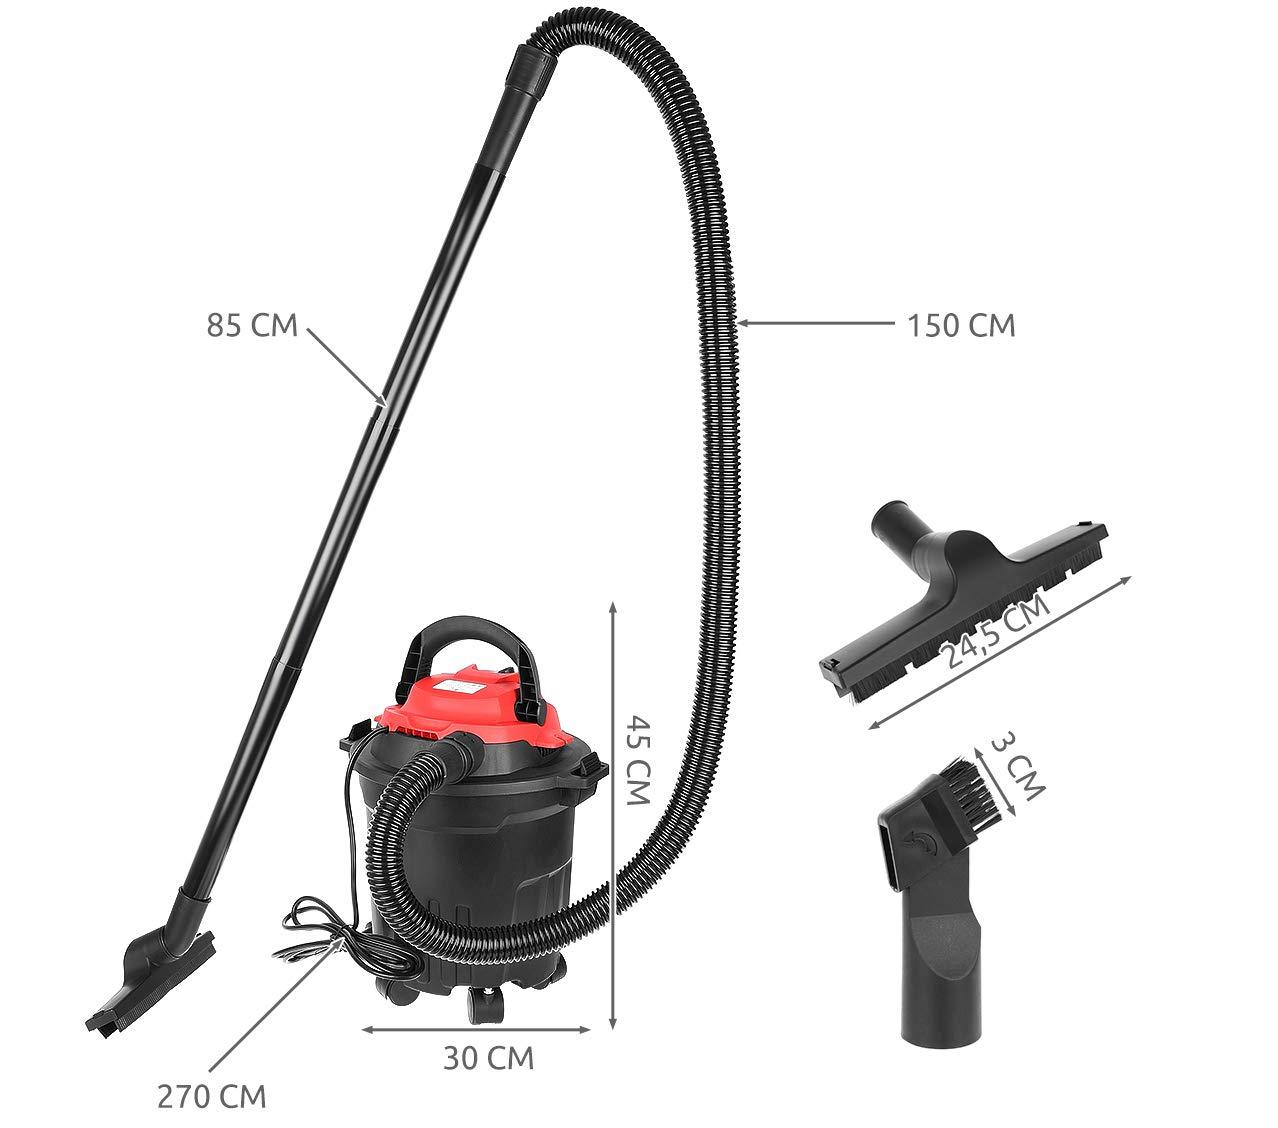 MT MALATEC 9070 - Aspirador Industrial (aspiradora en seco y húmedo, sin Bolsa, 15 l, 1600 W): Amazon.es: Hogar